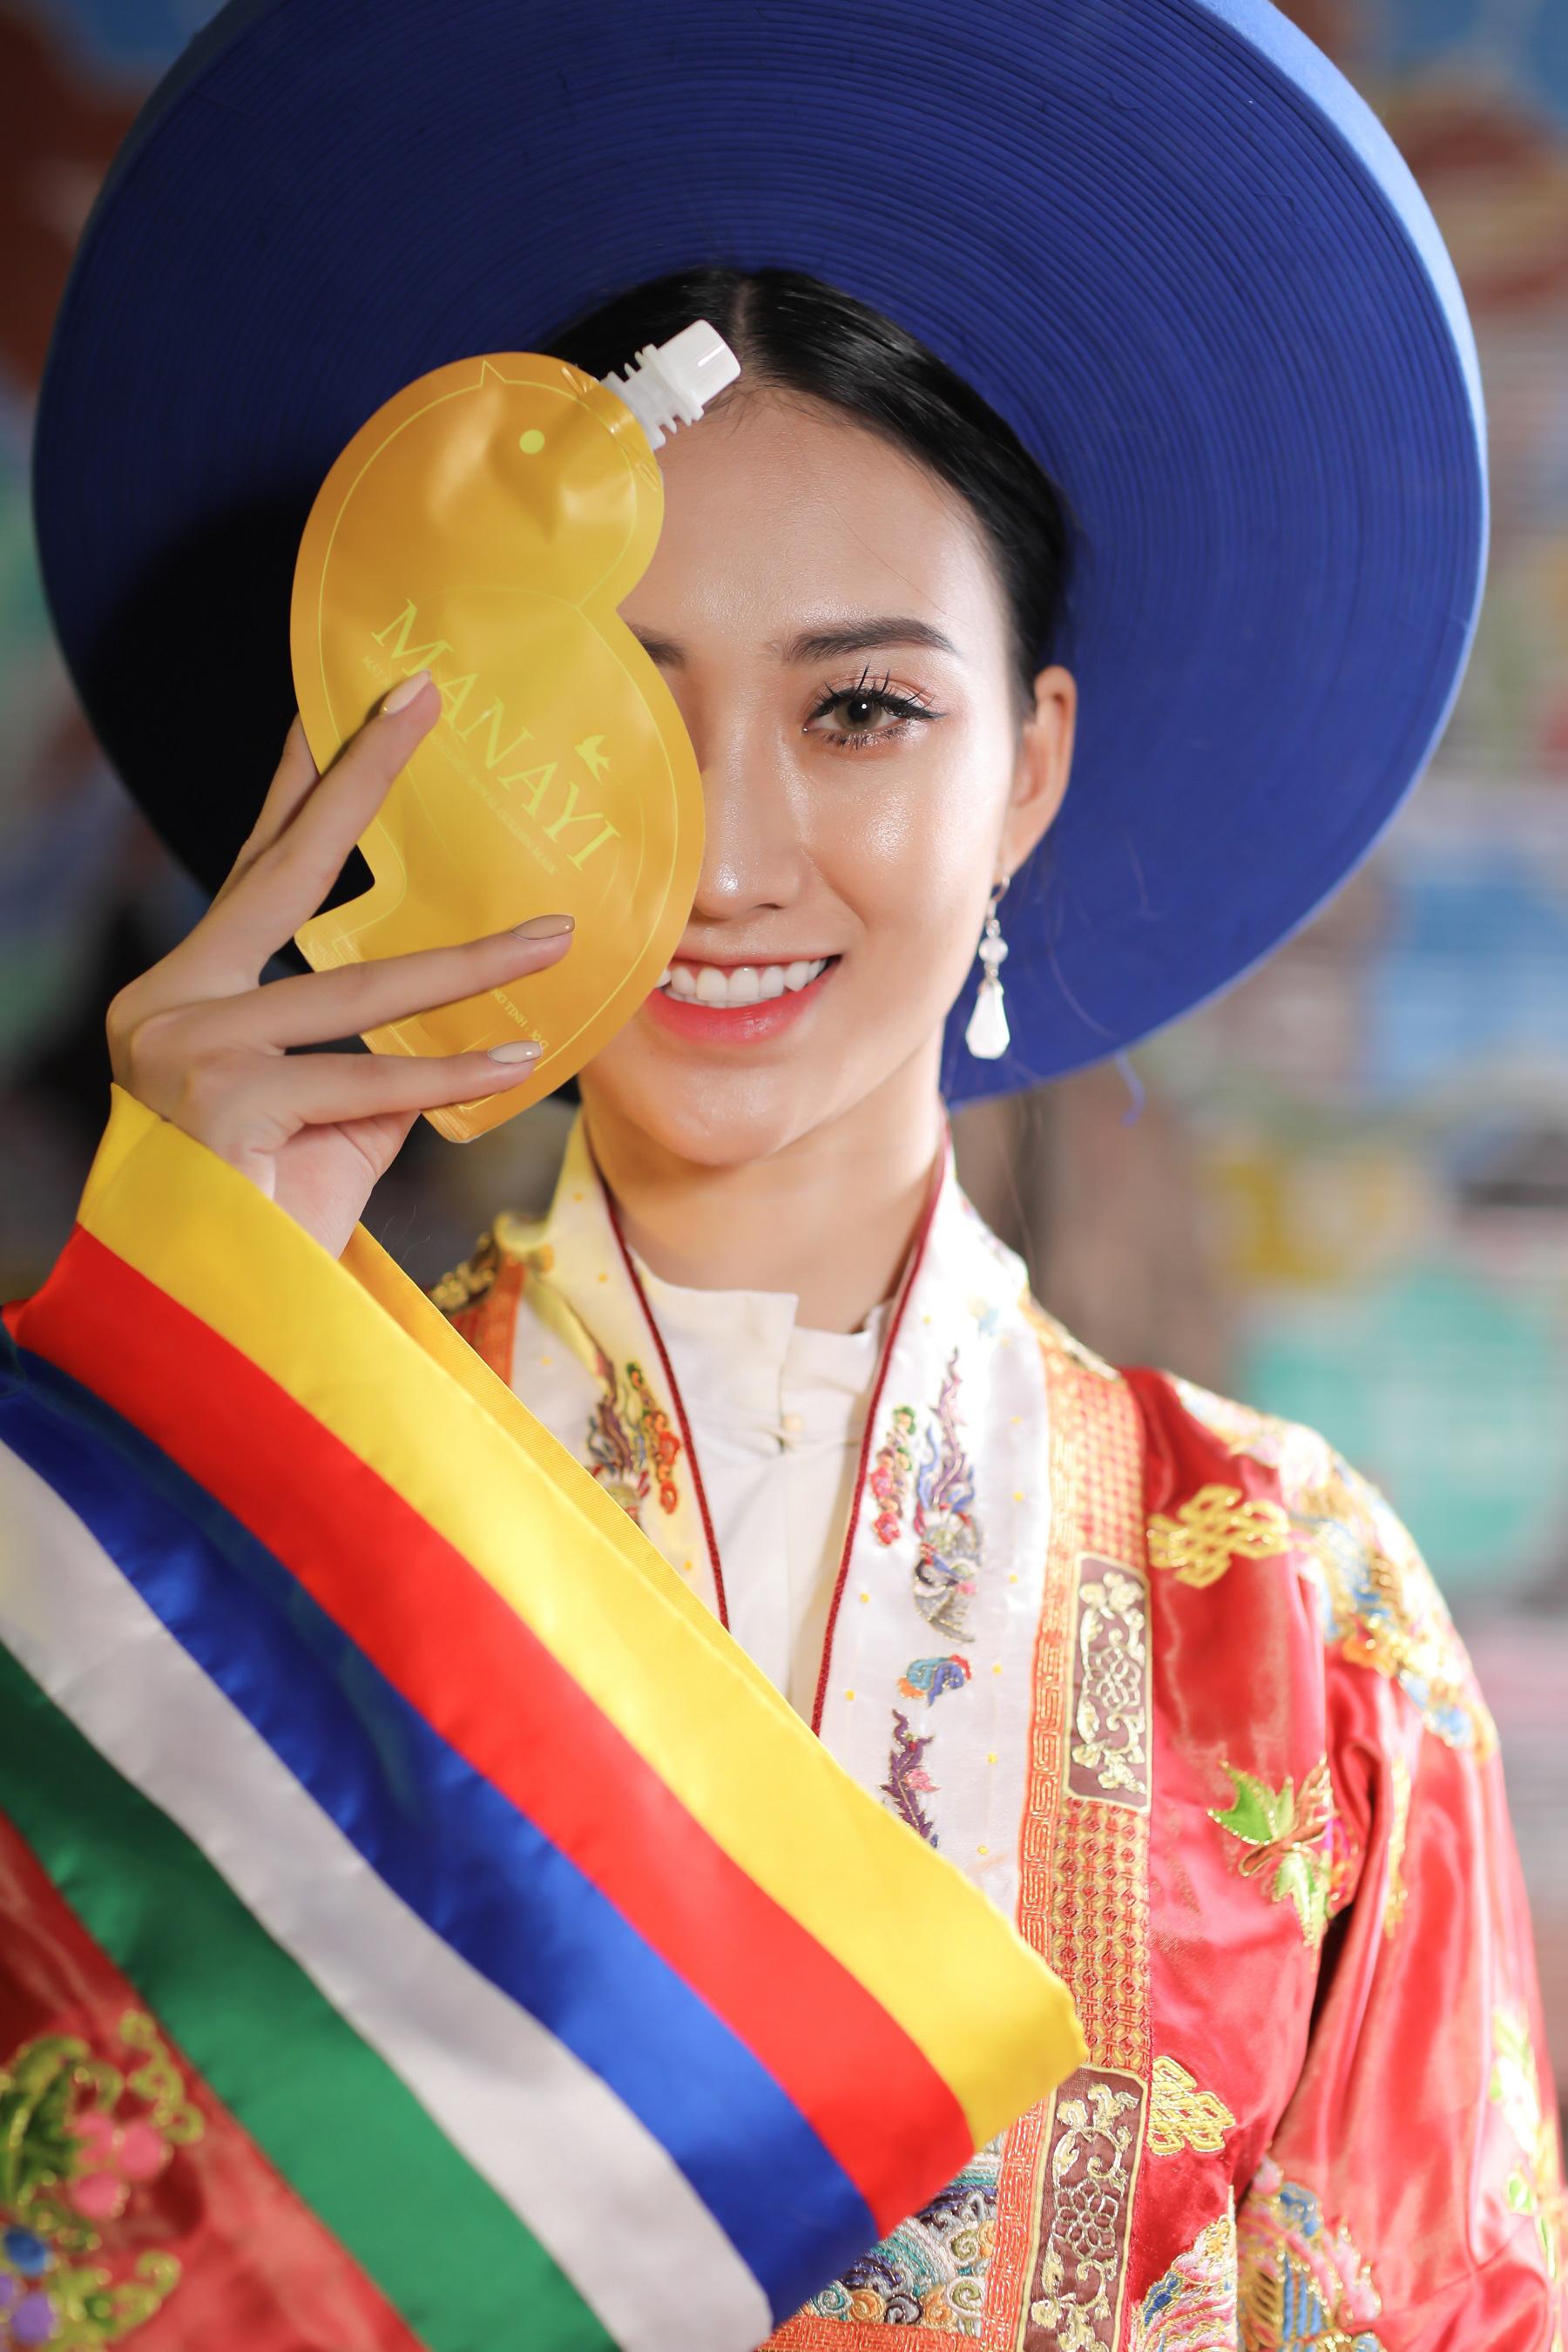 """Ấn tượng bộ ảnh """"Manayi - vàng son một thuở"""" tôn vinh hương sắc đất Việt ngàn năm - Ảnh 6."""